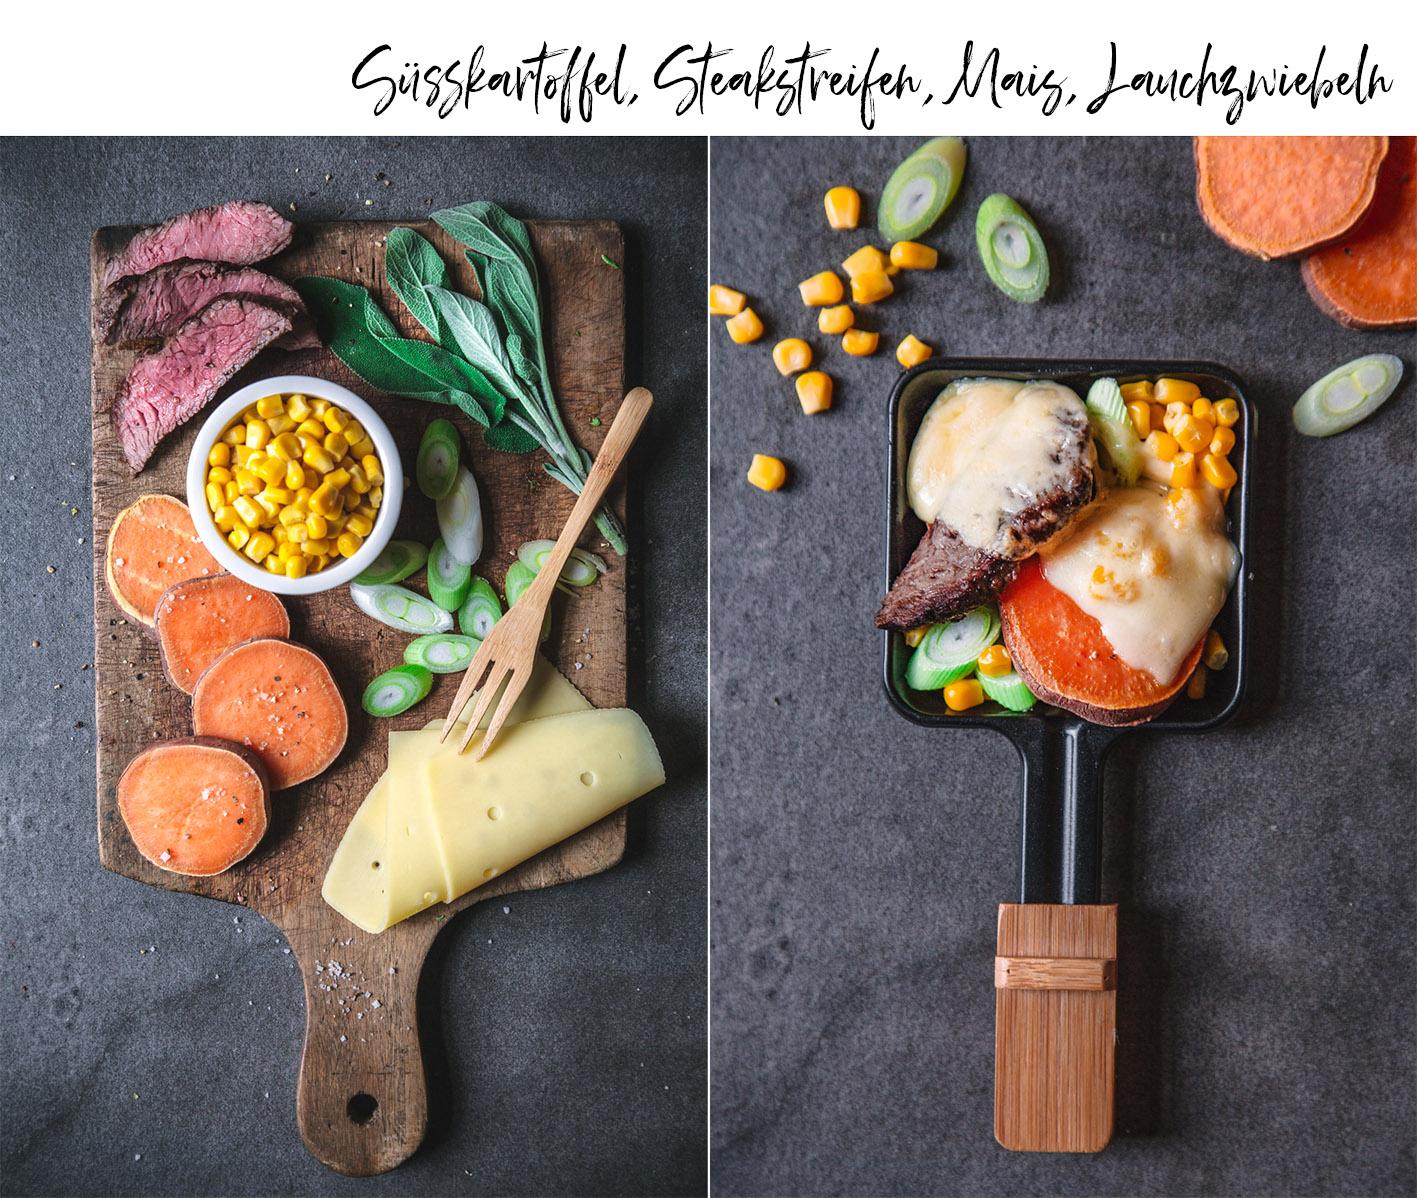 Raclettepfännchen mit Süßkartoffeln und Steakstreifen